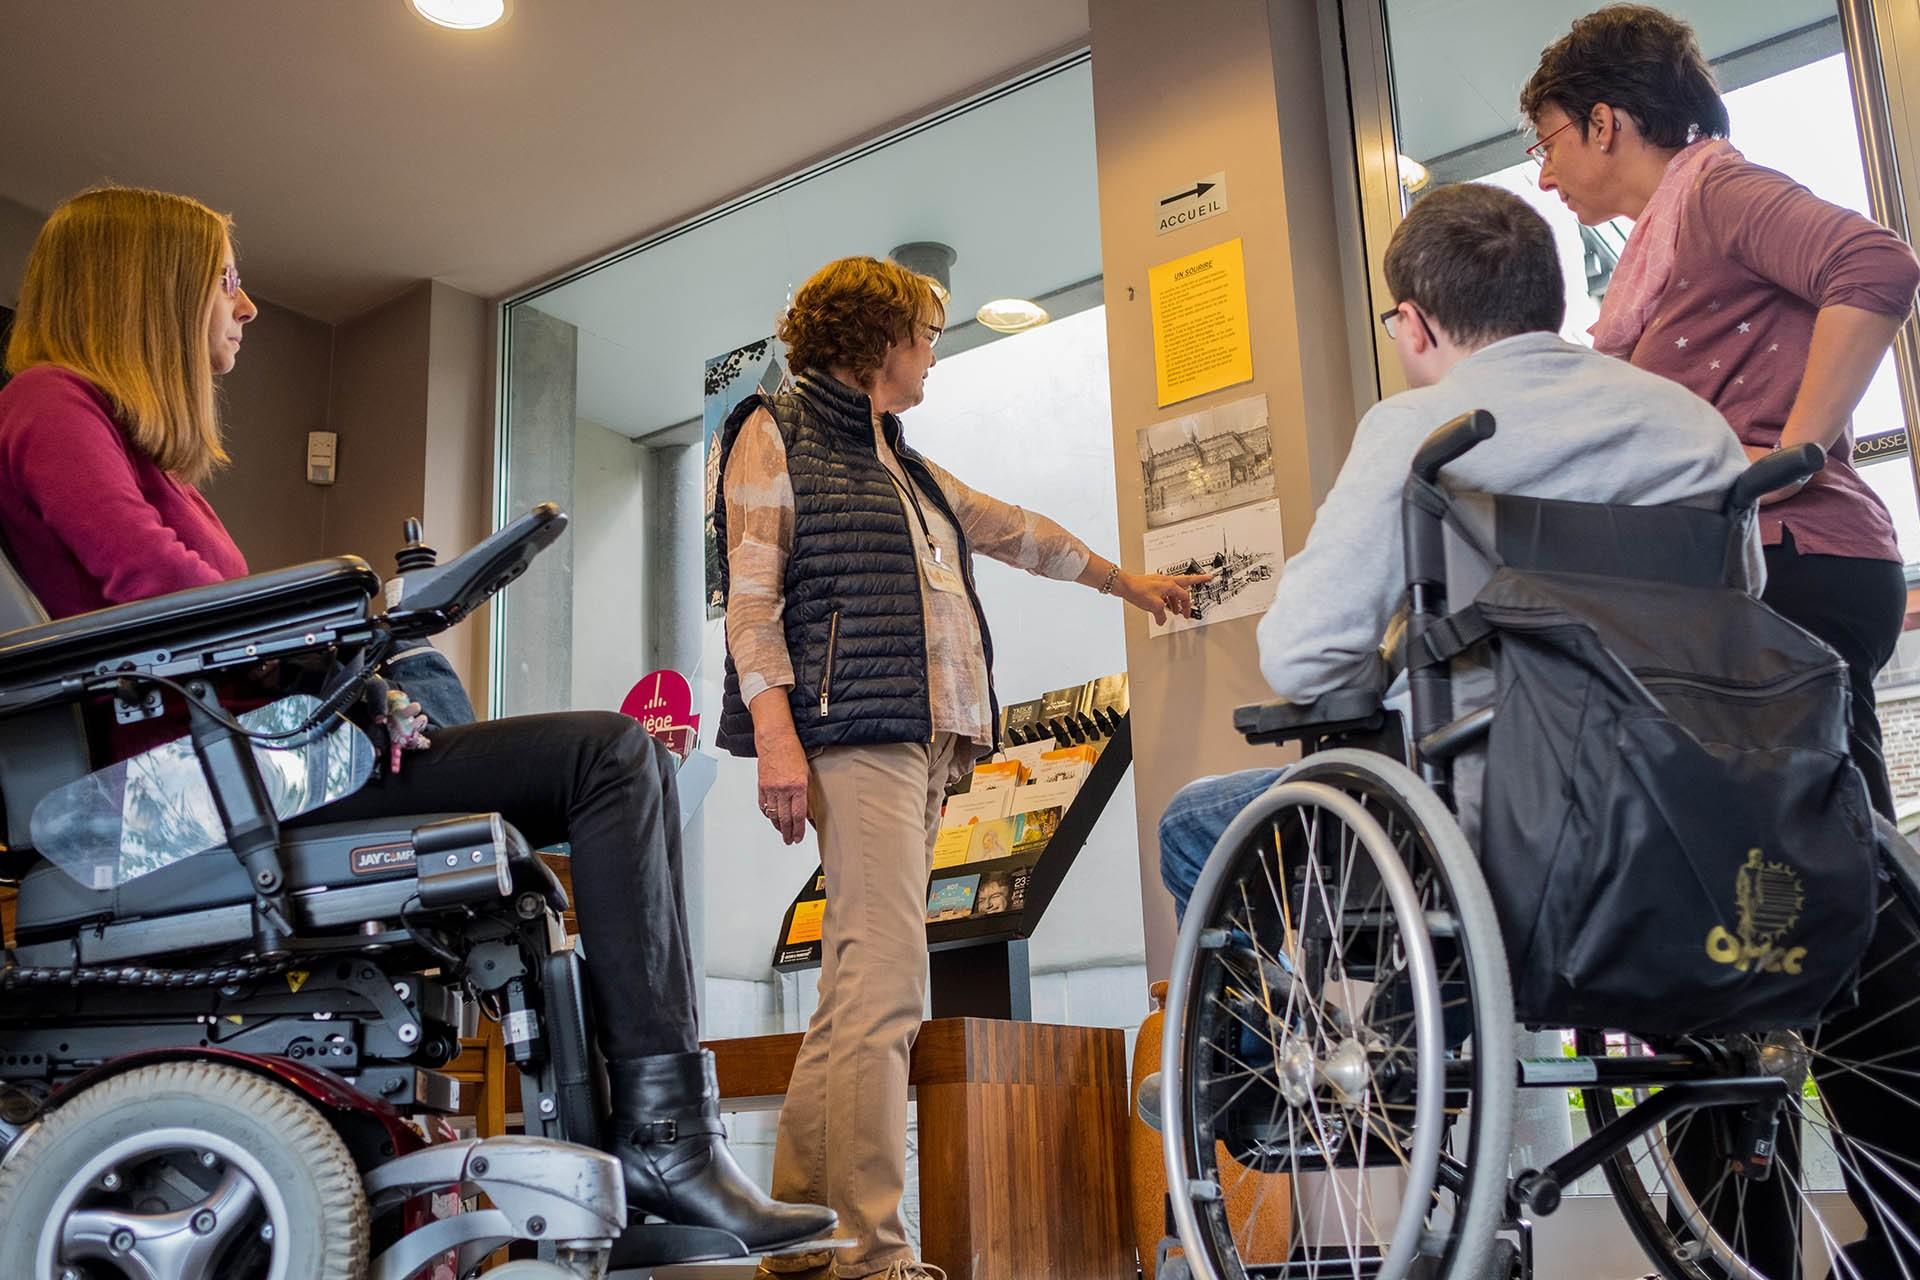 ACCESS-i - Accès aux personnes à mobilité réduite